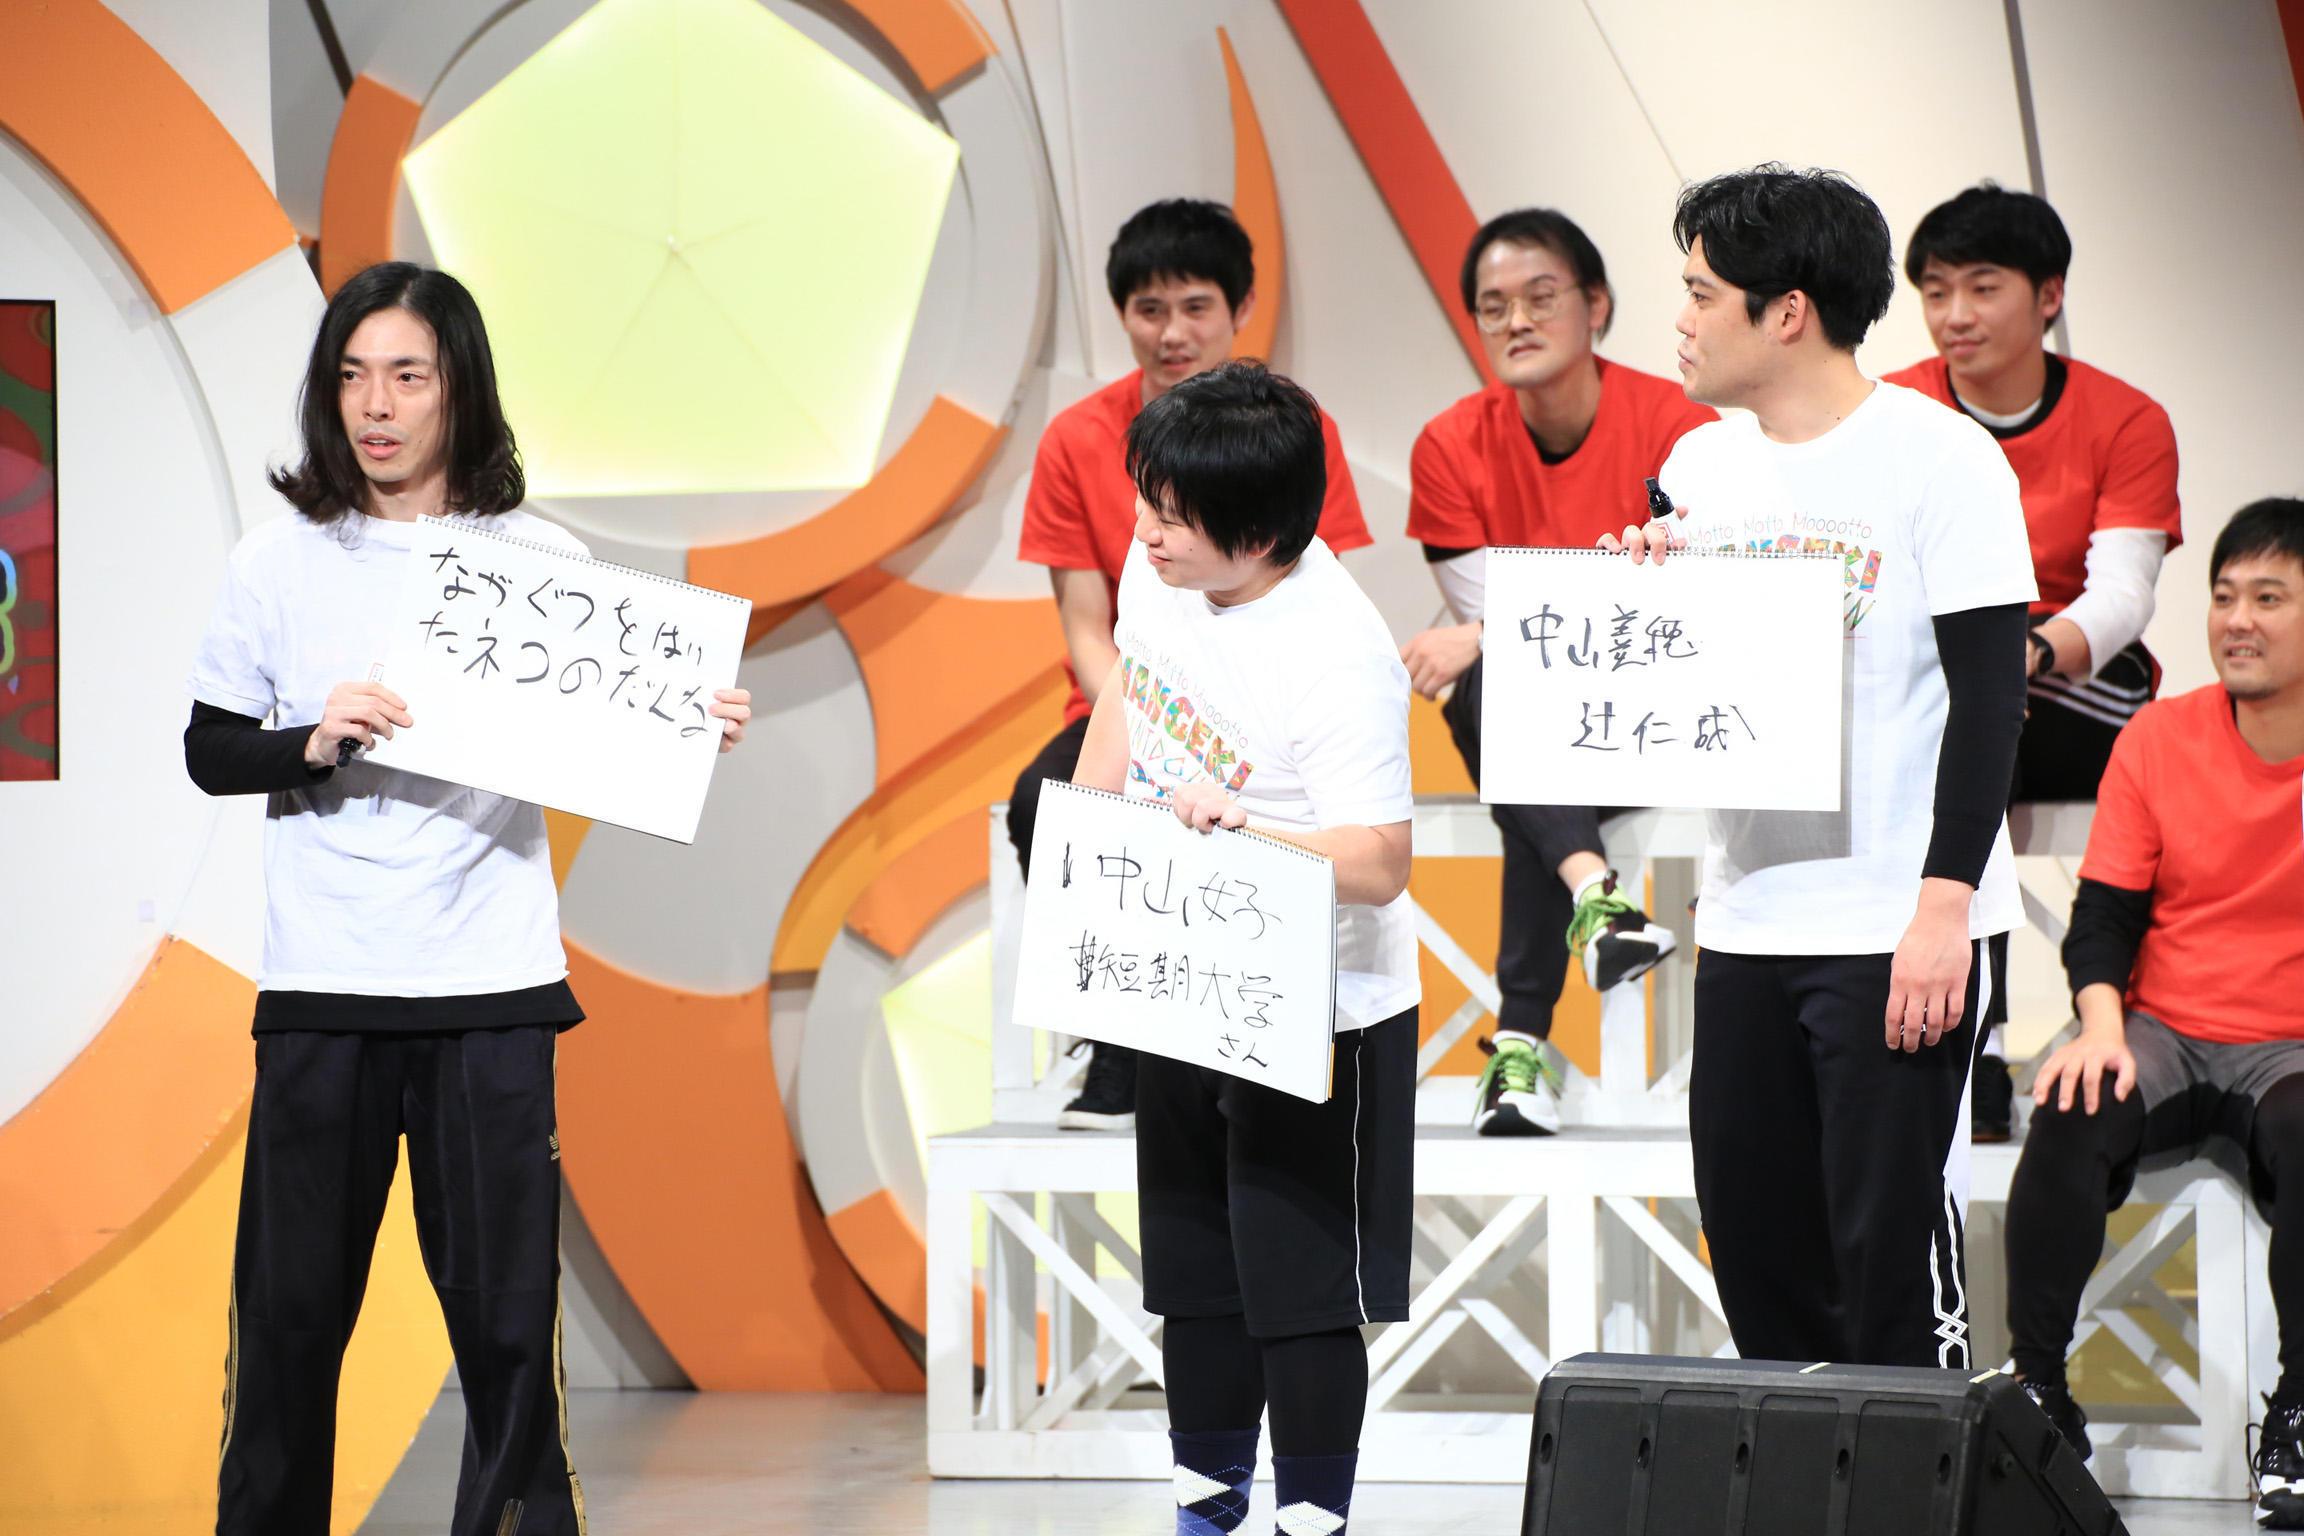 http://news.yoshimoto.co.jp/20190101105843-447aca87655599b1802d9b85ac3d4ca4ec5ec20b.jpg